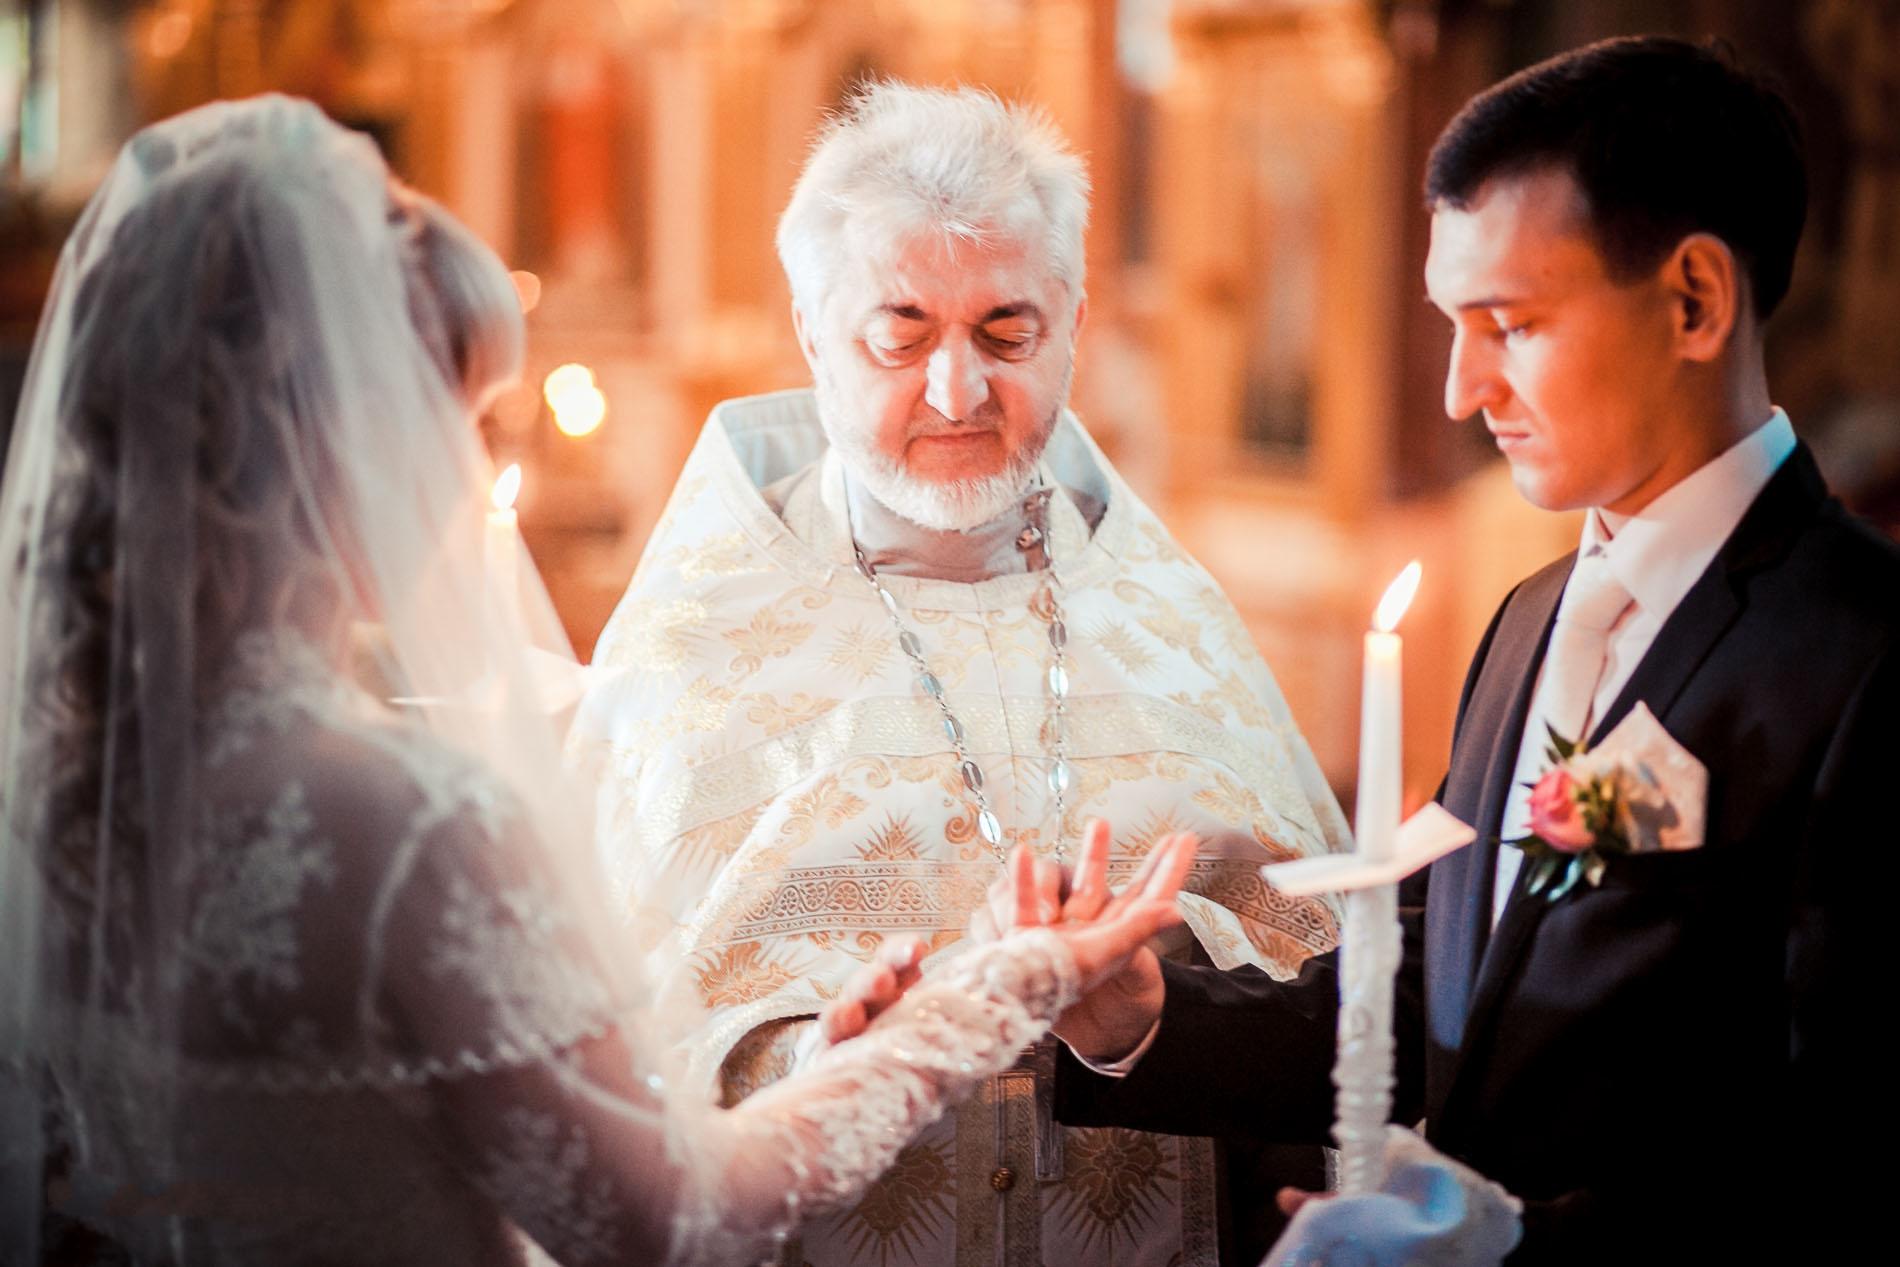 можно ли фотографировать венчание кесадильи хватит